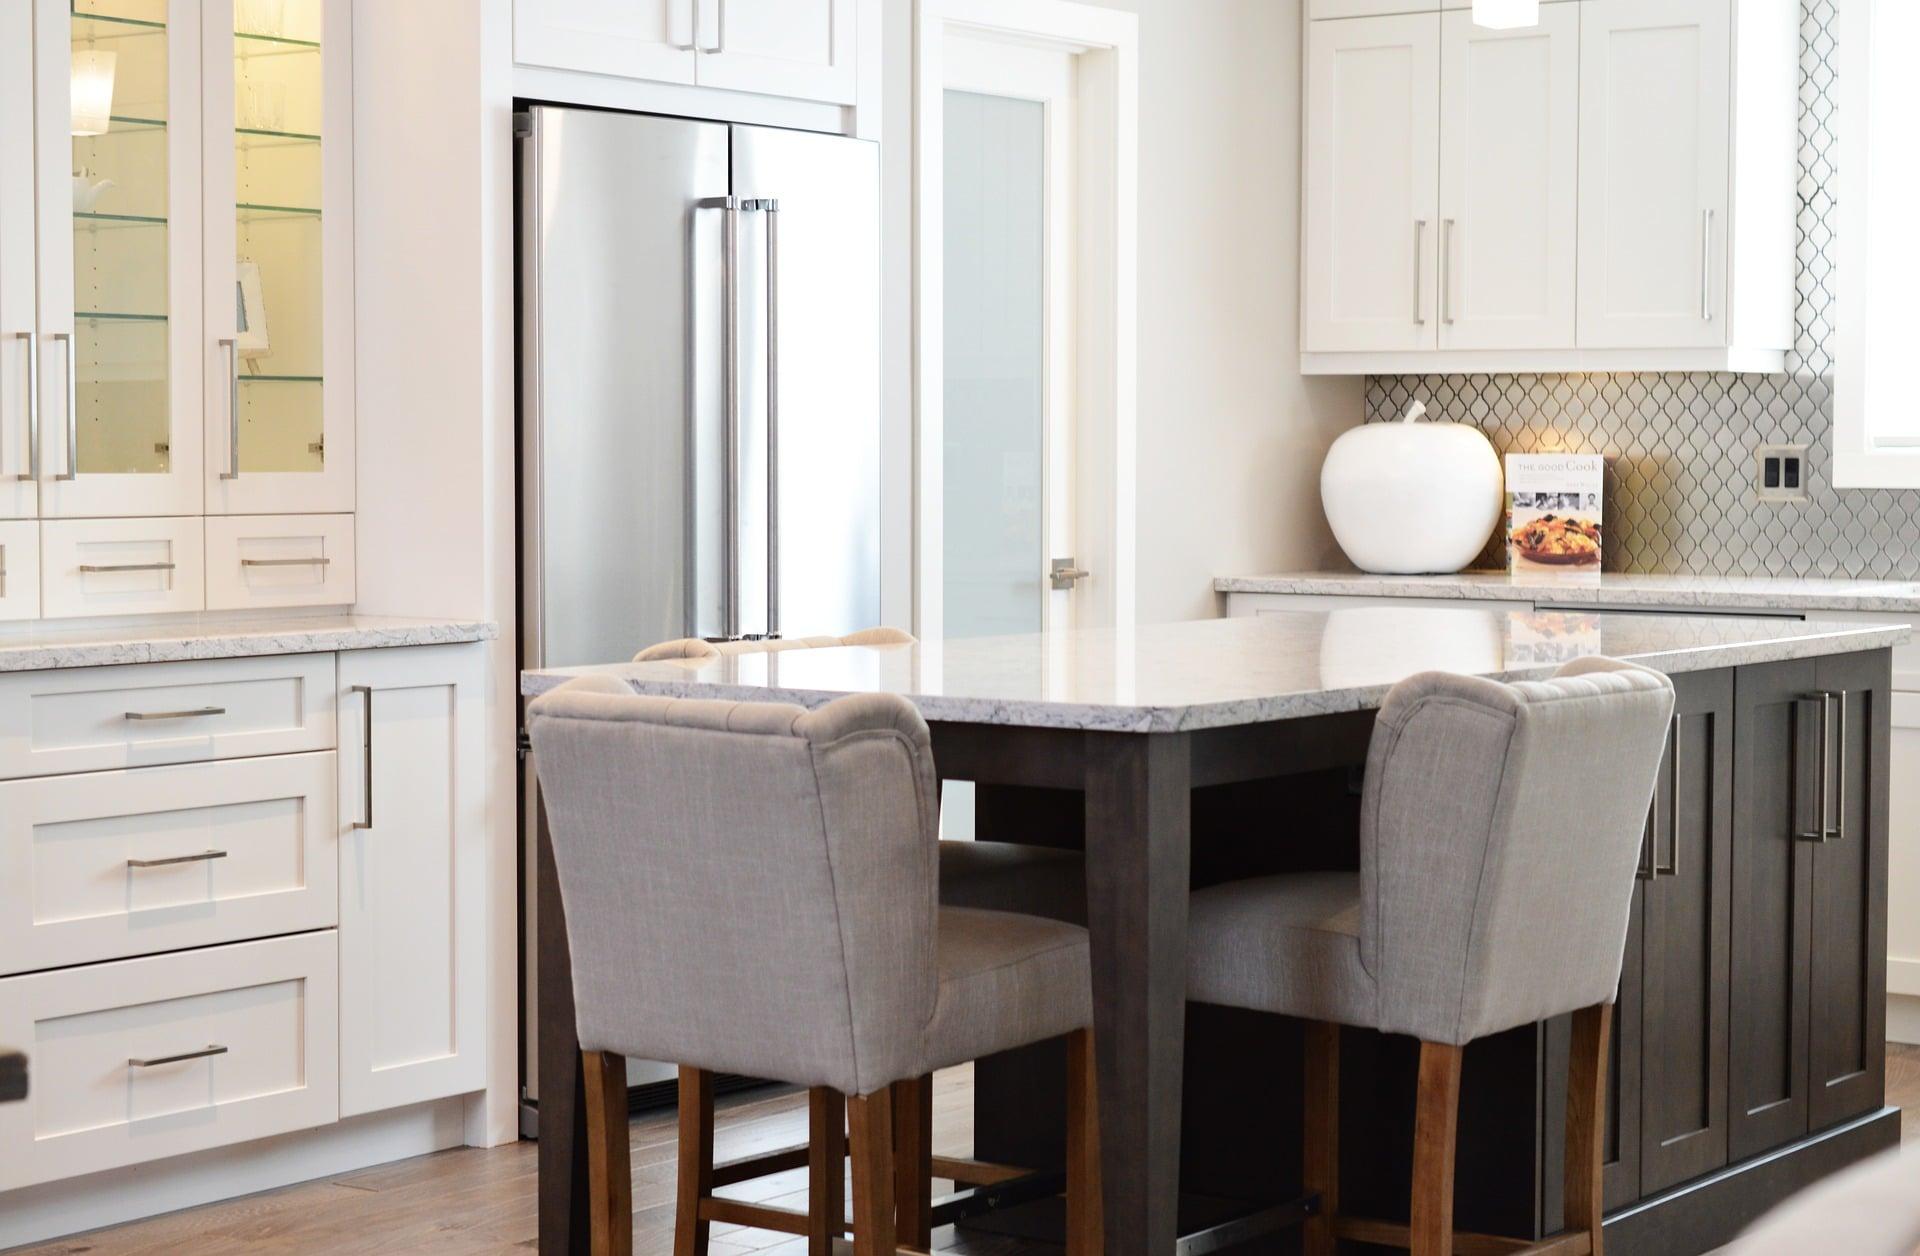 refrigerator slim – Sierra Remodeling